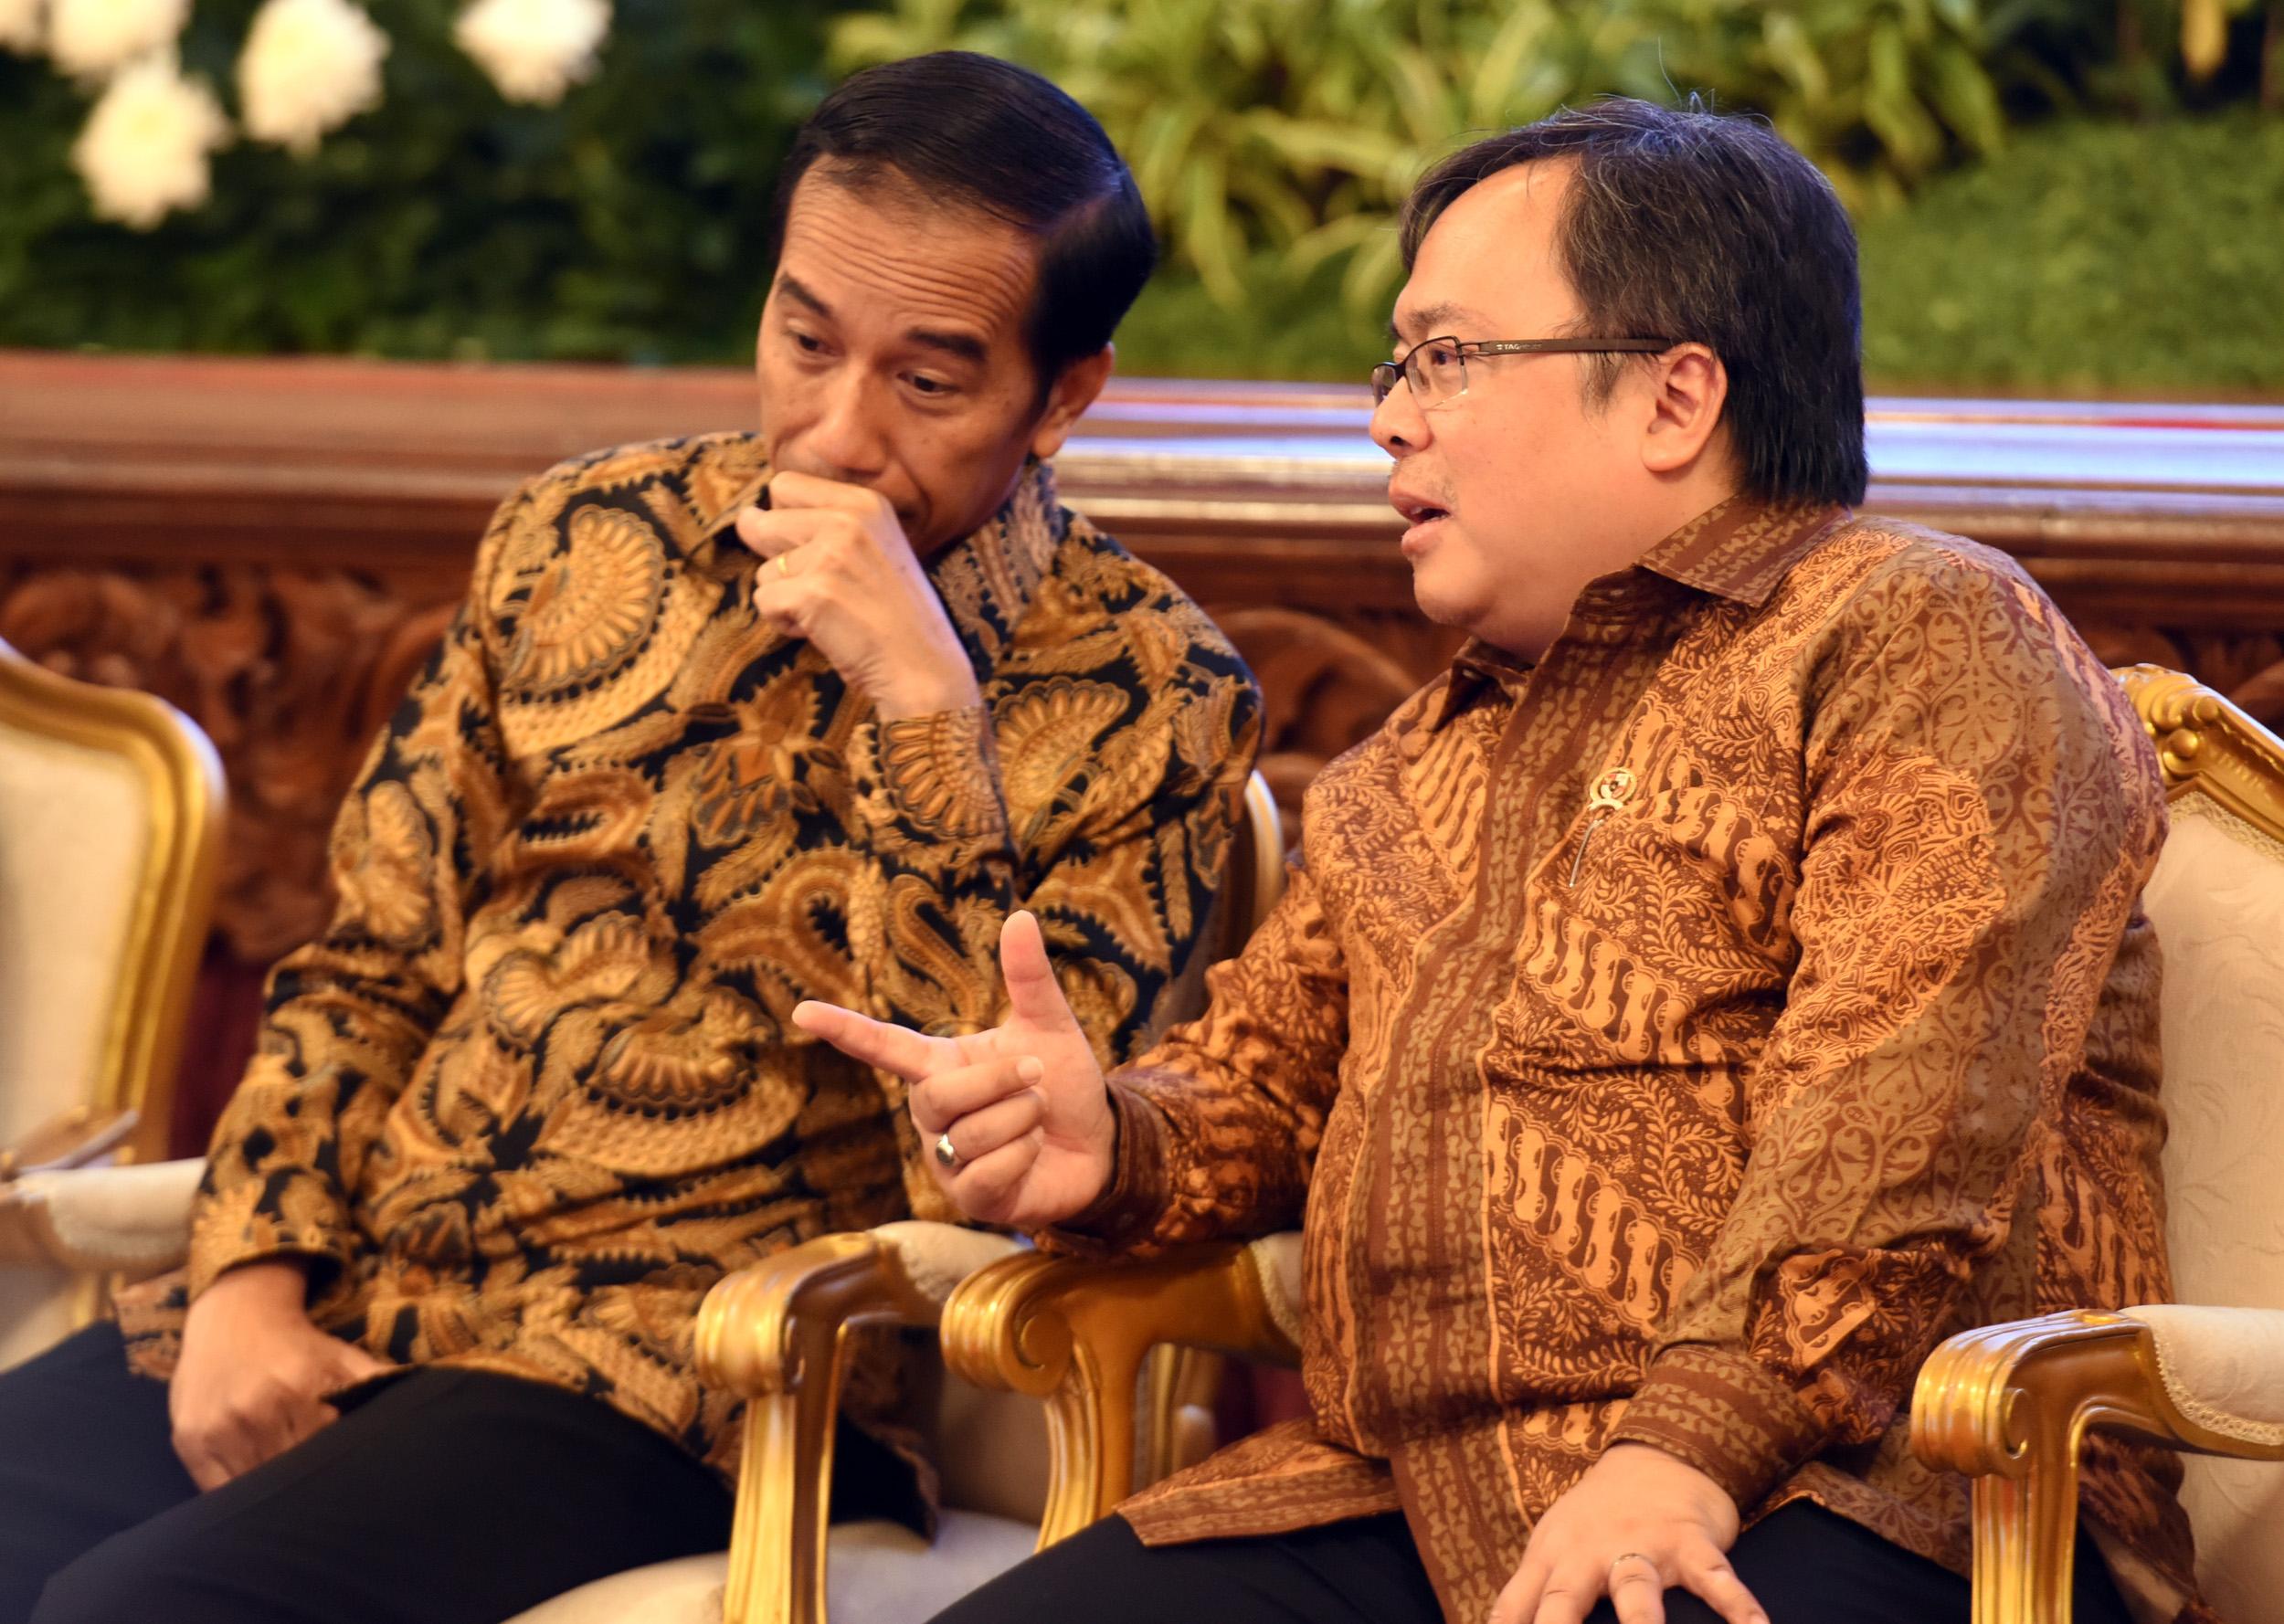 Presiden Jokowi berdiskusi dengan Menteri PPN/Kepala Bappenas dalam acara Financial Closing PINA Tahun 2017, di Istana Negara, Jakarta, Jumat (17/2). (Foto: Humas/Rahmat)